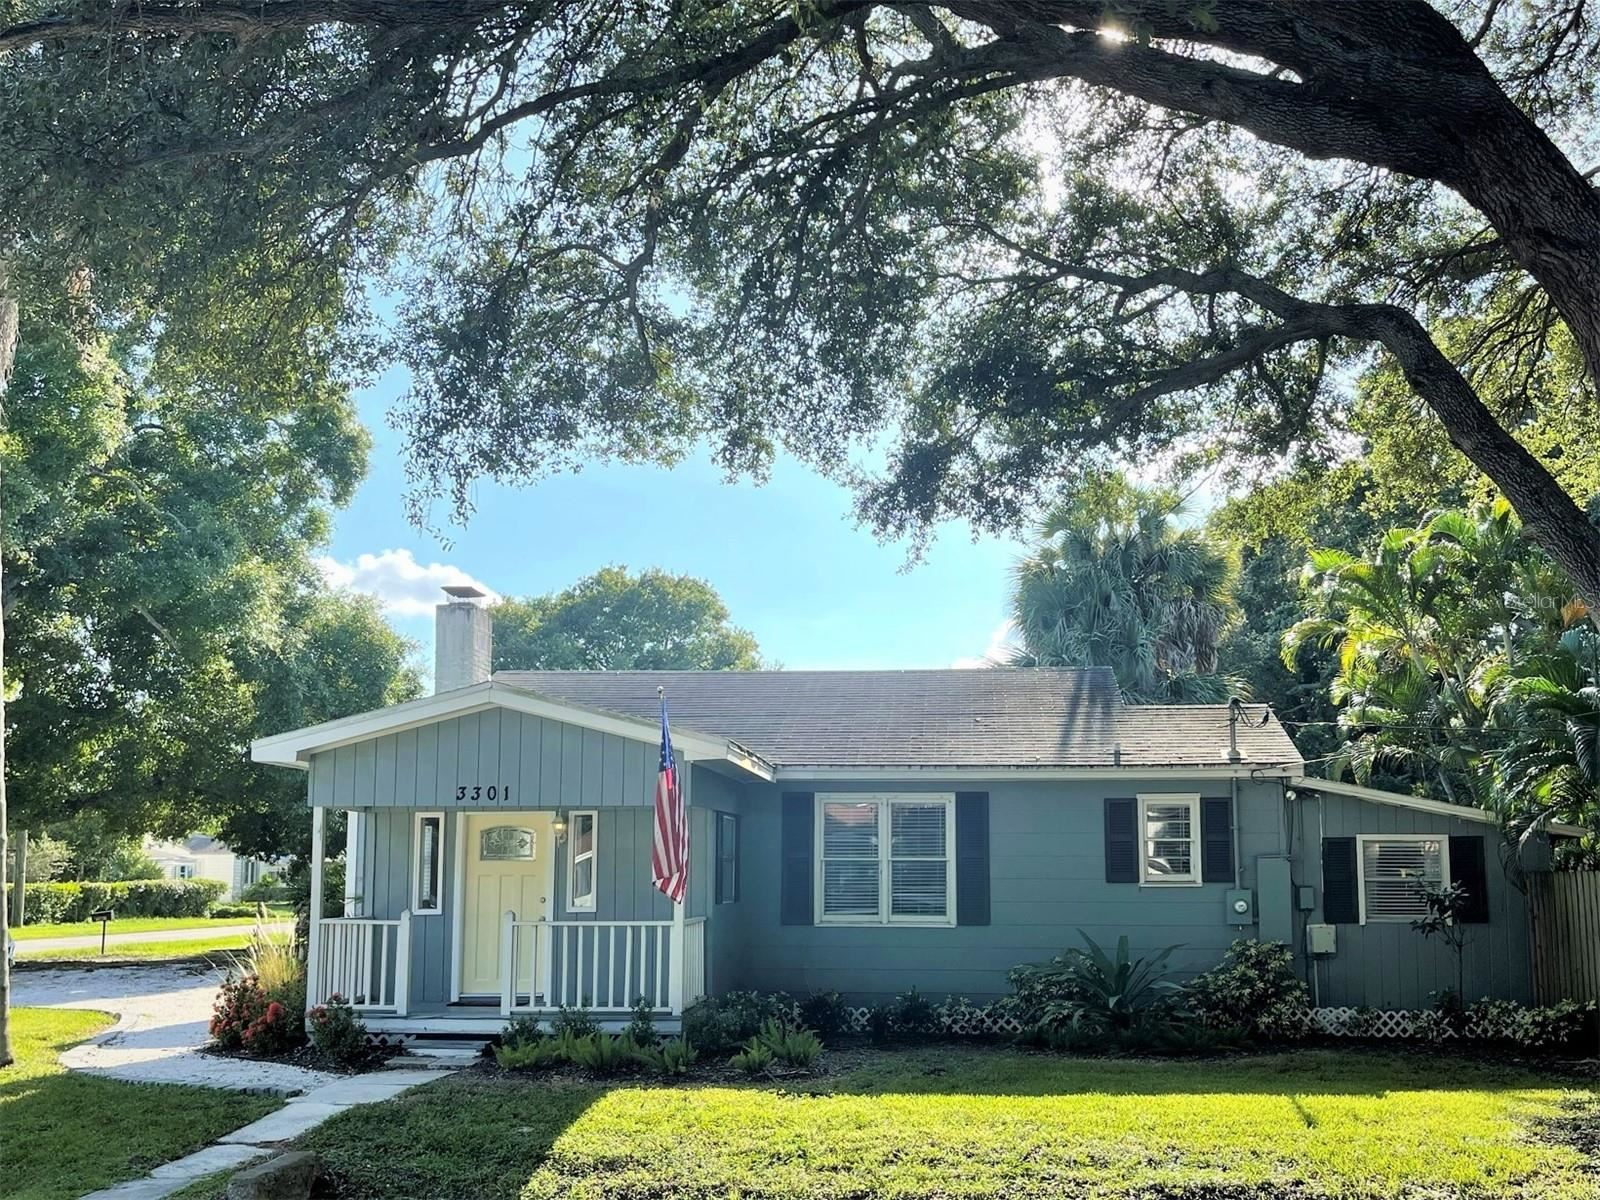 Photo of 3301 W MARLIN AVENUE, TAMPA, FL 33611 (MLS # T3321442)